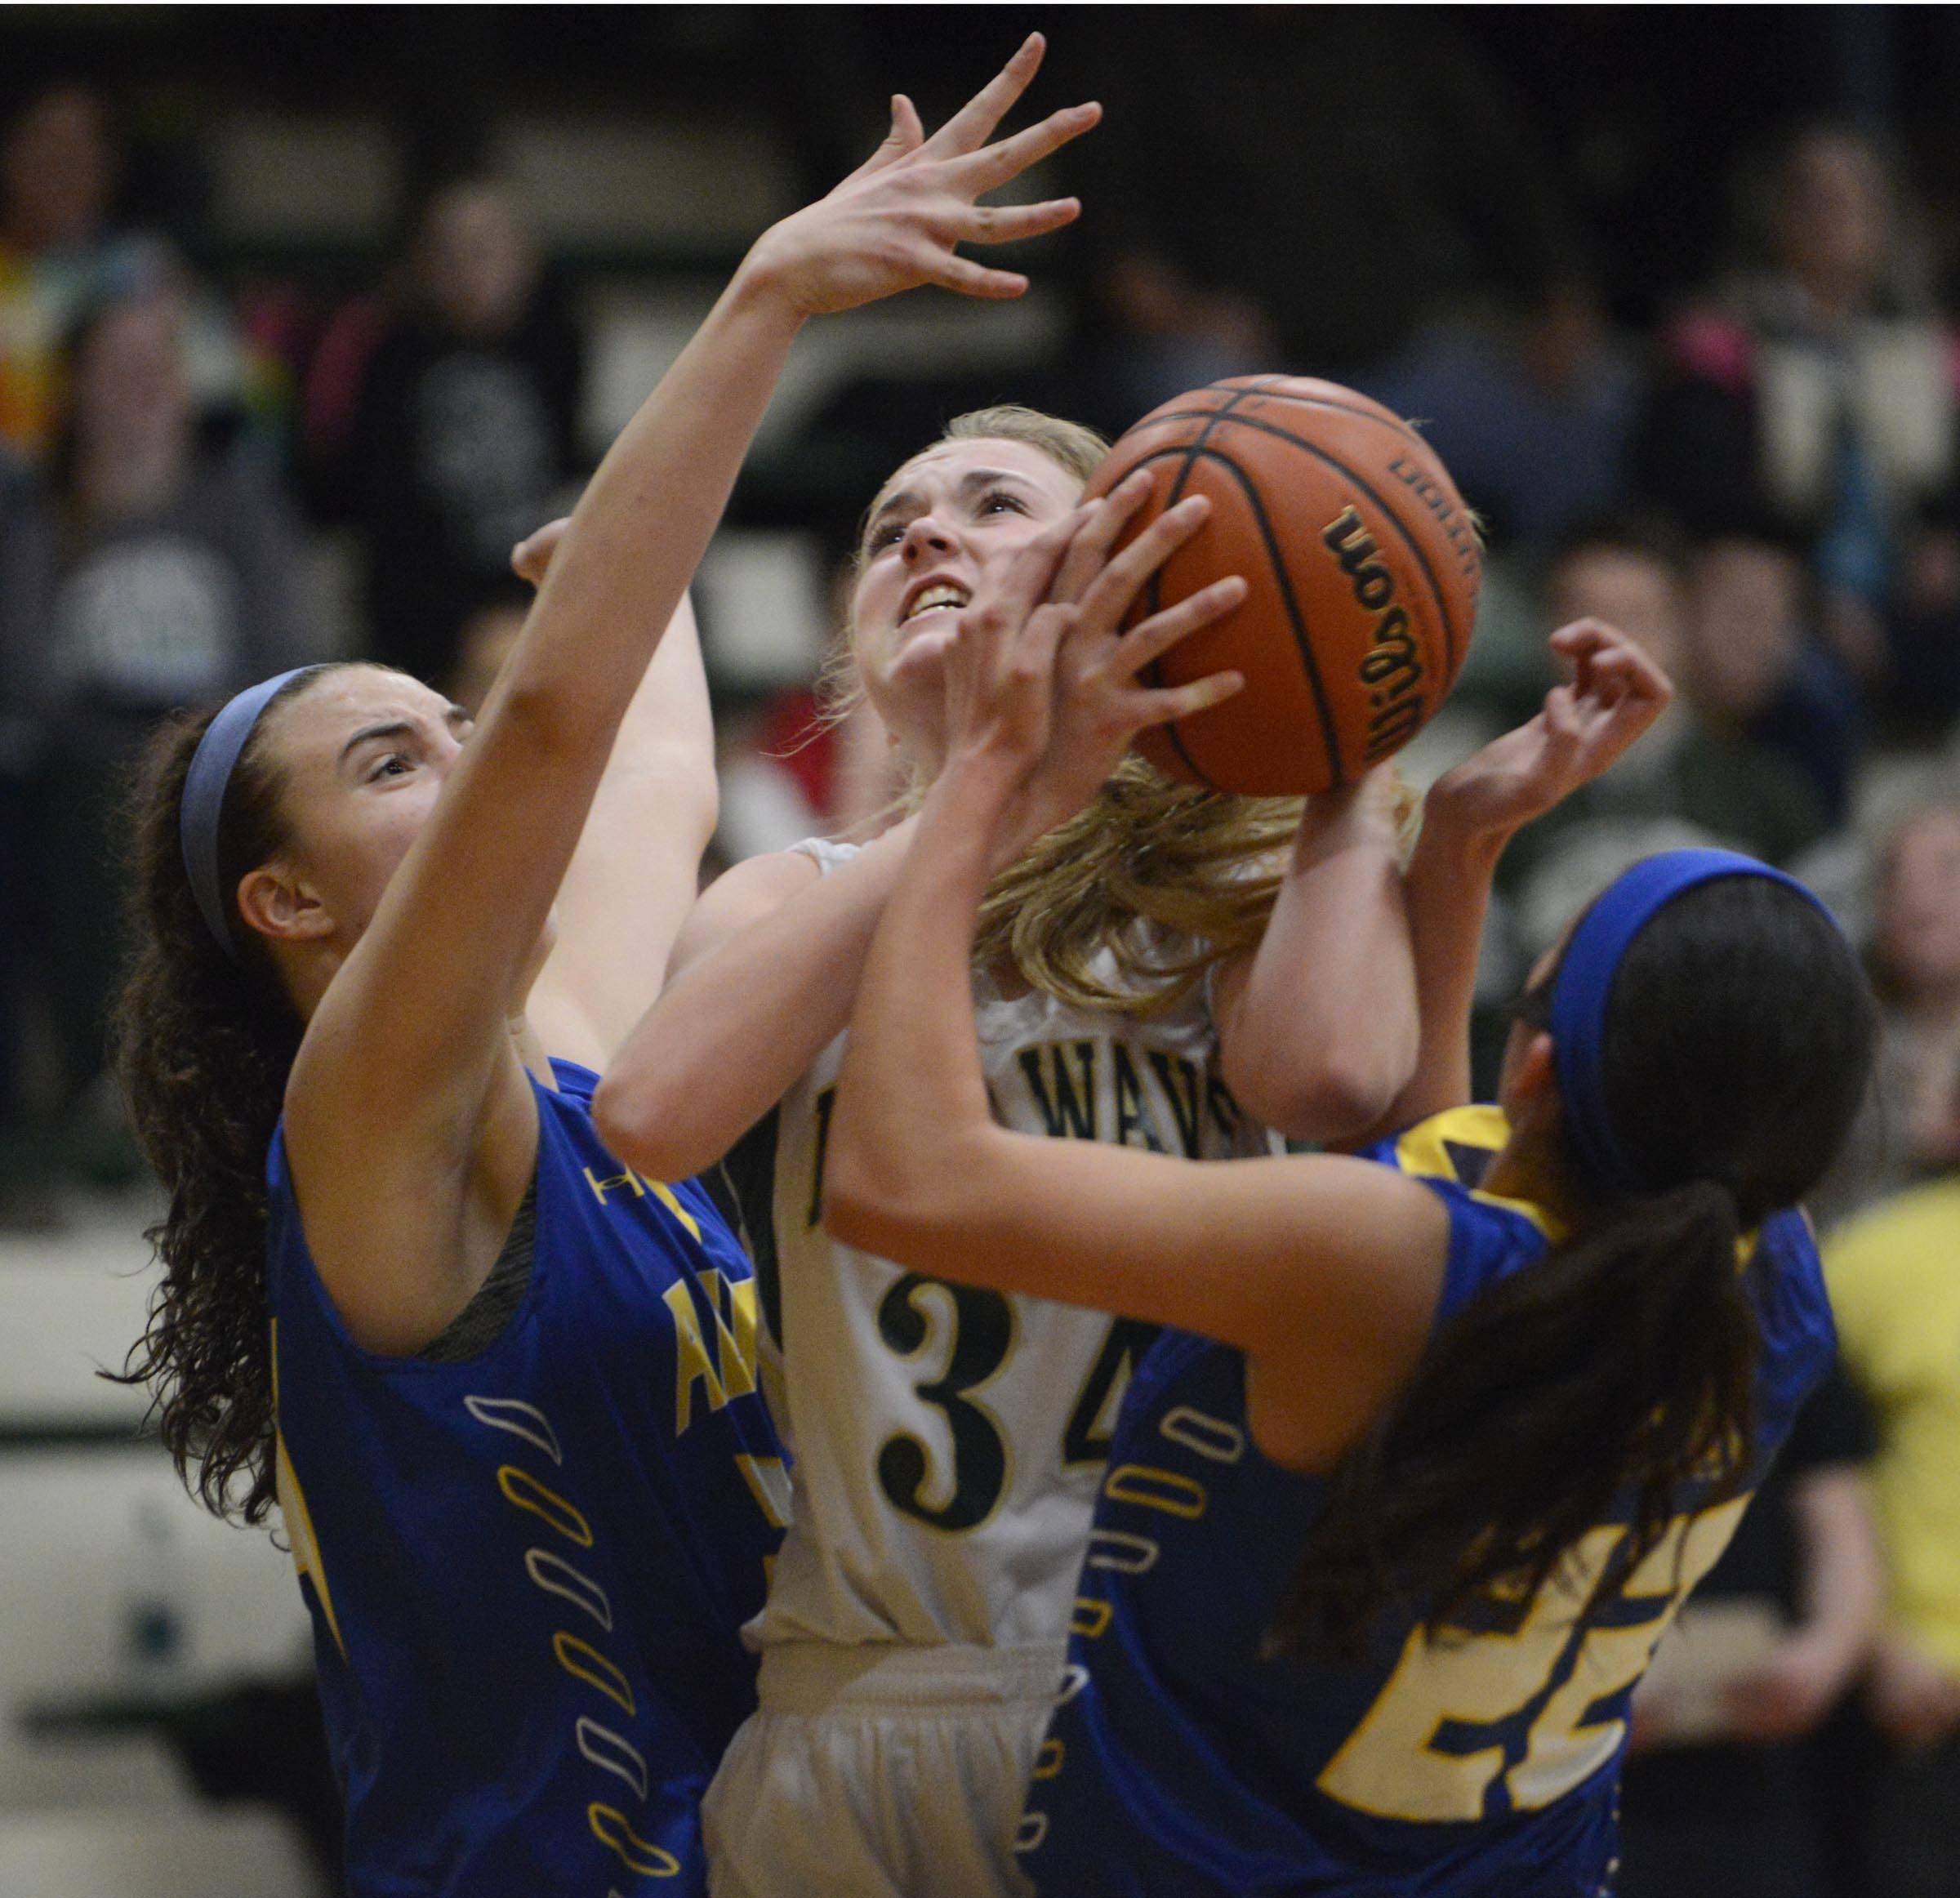 Images: St. Edward vs. Aurora Central Catholic, girls basketball